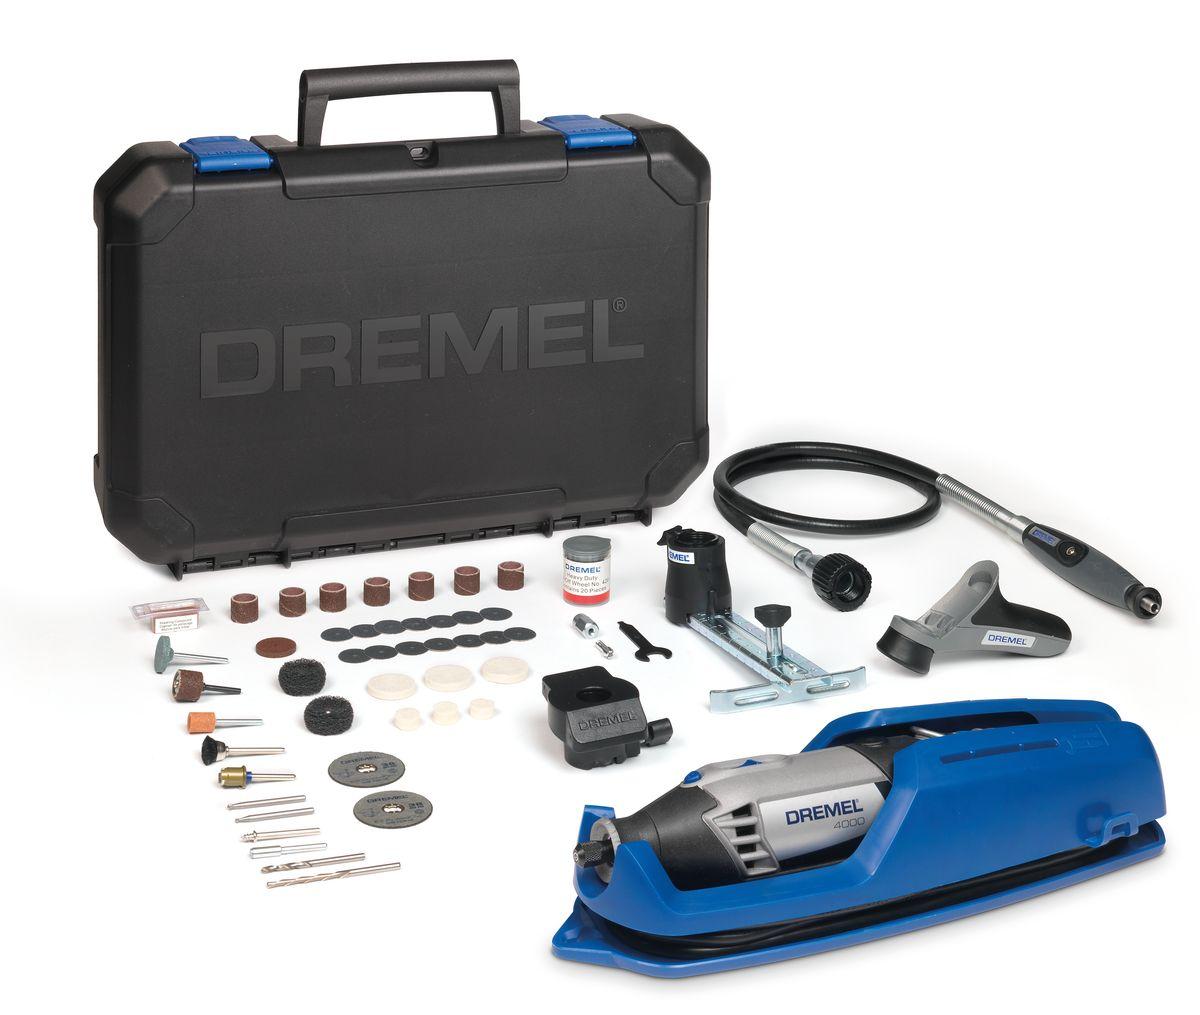 Многофункциональный инструмент Dremel 4000- 4/65F0134000JTМощный и точный многофункциональный инструмент Dremel 4000- 4/65 обеспечивает максимальную универсальную производительность. Многофункциональный инструмент со сменными насадками и приставками обеспечит такой контроль. Инструмент оснащен мягкой ручкой с возможностью поворота на 360 градусов, повышающей маневренность в любом положении. Обрабатывайте даже самые мелкие детали в самых неудобных и труднодоступных местах. Скорость вращения регулируется во всем диапазоне и имеет отдельный переключатель, поэтому вы всегда сможете продолжить свою работу в том режиме, на котором остановились. Высокопроизводительный двигатель и константная электроника позволяют развивать максимальную силу. Шлифуйте, полируйте, режьте и выполняйте обработку любых материалов с одинаковой легкостью.Особенности модели:Двигатель мощностью 175 Вт для максимальной производительности.Инновационный наконечник EZ Twist: для смены насадок не требуется ключ.Рукоятка с мягкой накладкой для комфортной работы.Полный контроль над регулированием скорости (5000 – 35000 об./мин.) для максимальной точности.Константная электроника обеспечивает необходимый крутящий момент и увеличивает производительность.Отдельный выключатель с интегрированной функцией блокировки цангового зажима.Комплектация: 65 высококачественных насадок Dremel в мини-футляре (в том числе стартовый набор EZ SpeedClic).Гибкий вал (225).Насадка в виде карандашаЛинейный фрезерный циркуль (678).Шлифовальная платформа (576).Рукоятка для точных работ (577).Инструкция по эксплуатации.Вместительный и прочный кейс для хранения, со съемным лотком для насадок.В комплект входит уникальная подставка для крепления инструмента, упрощающая хранение вашего инструмента.